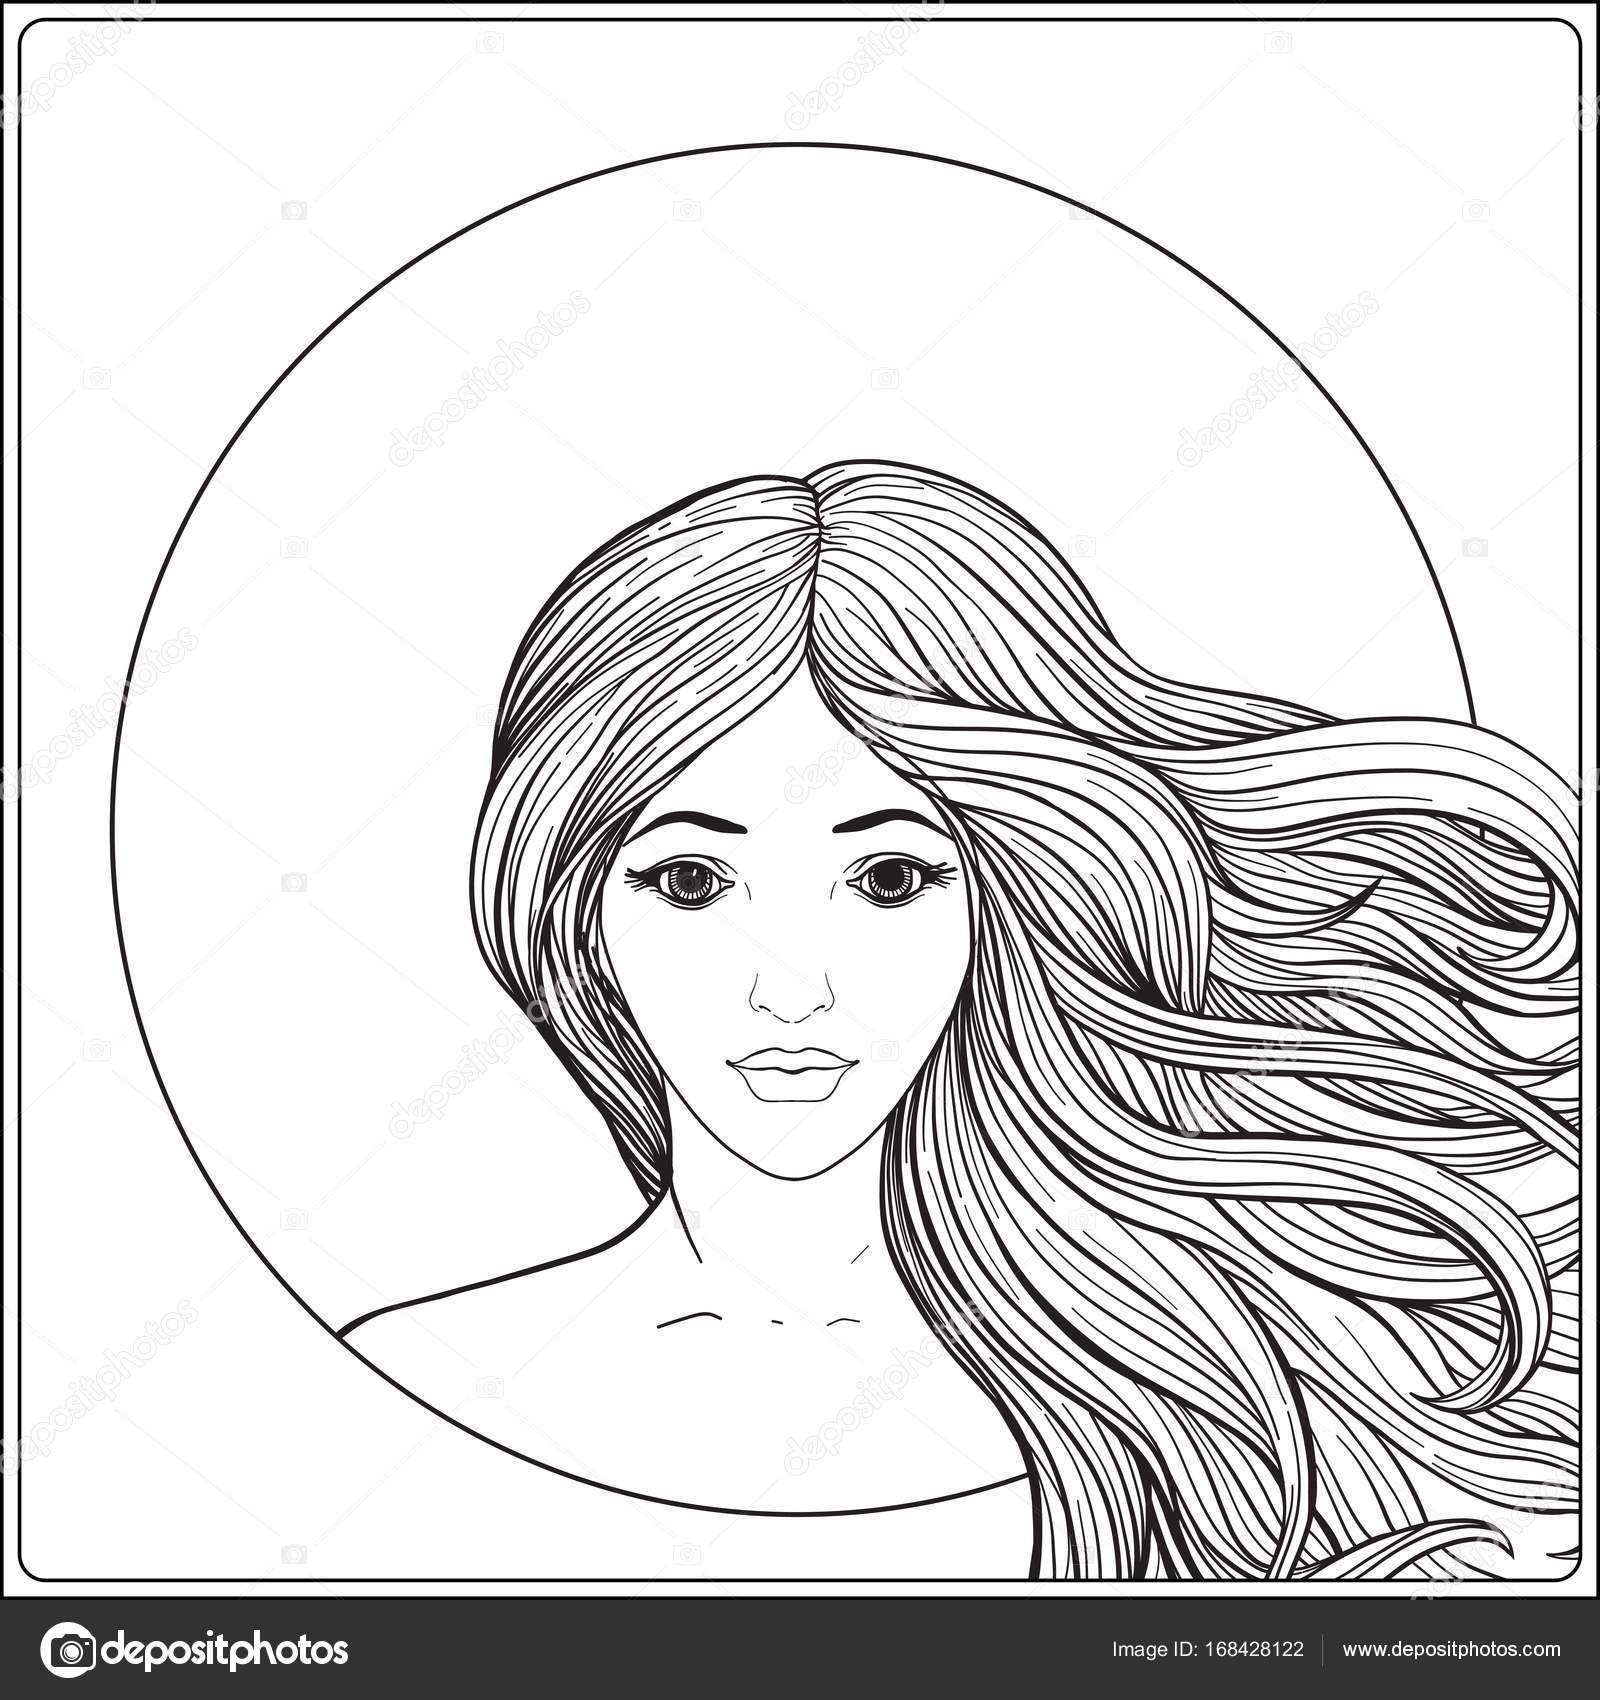 молодая красивая девушка с длинными волосами складе линии